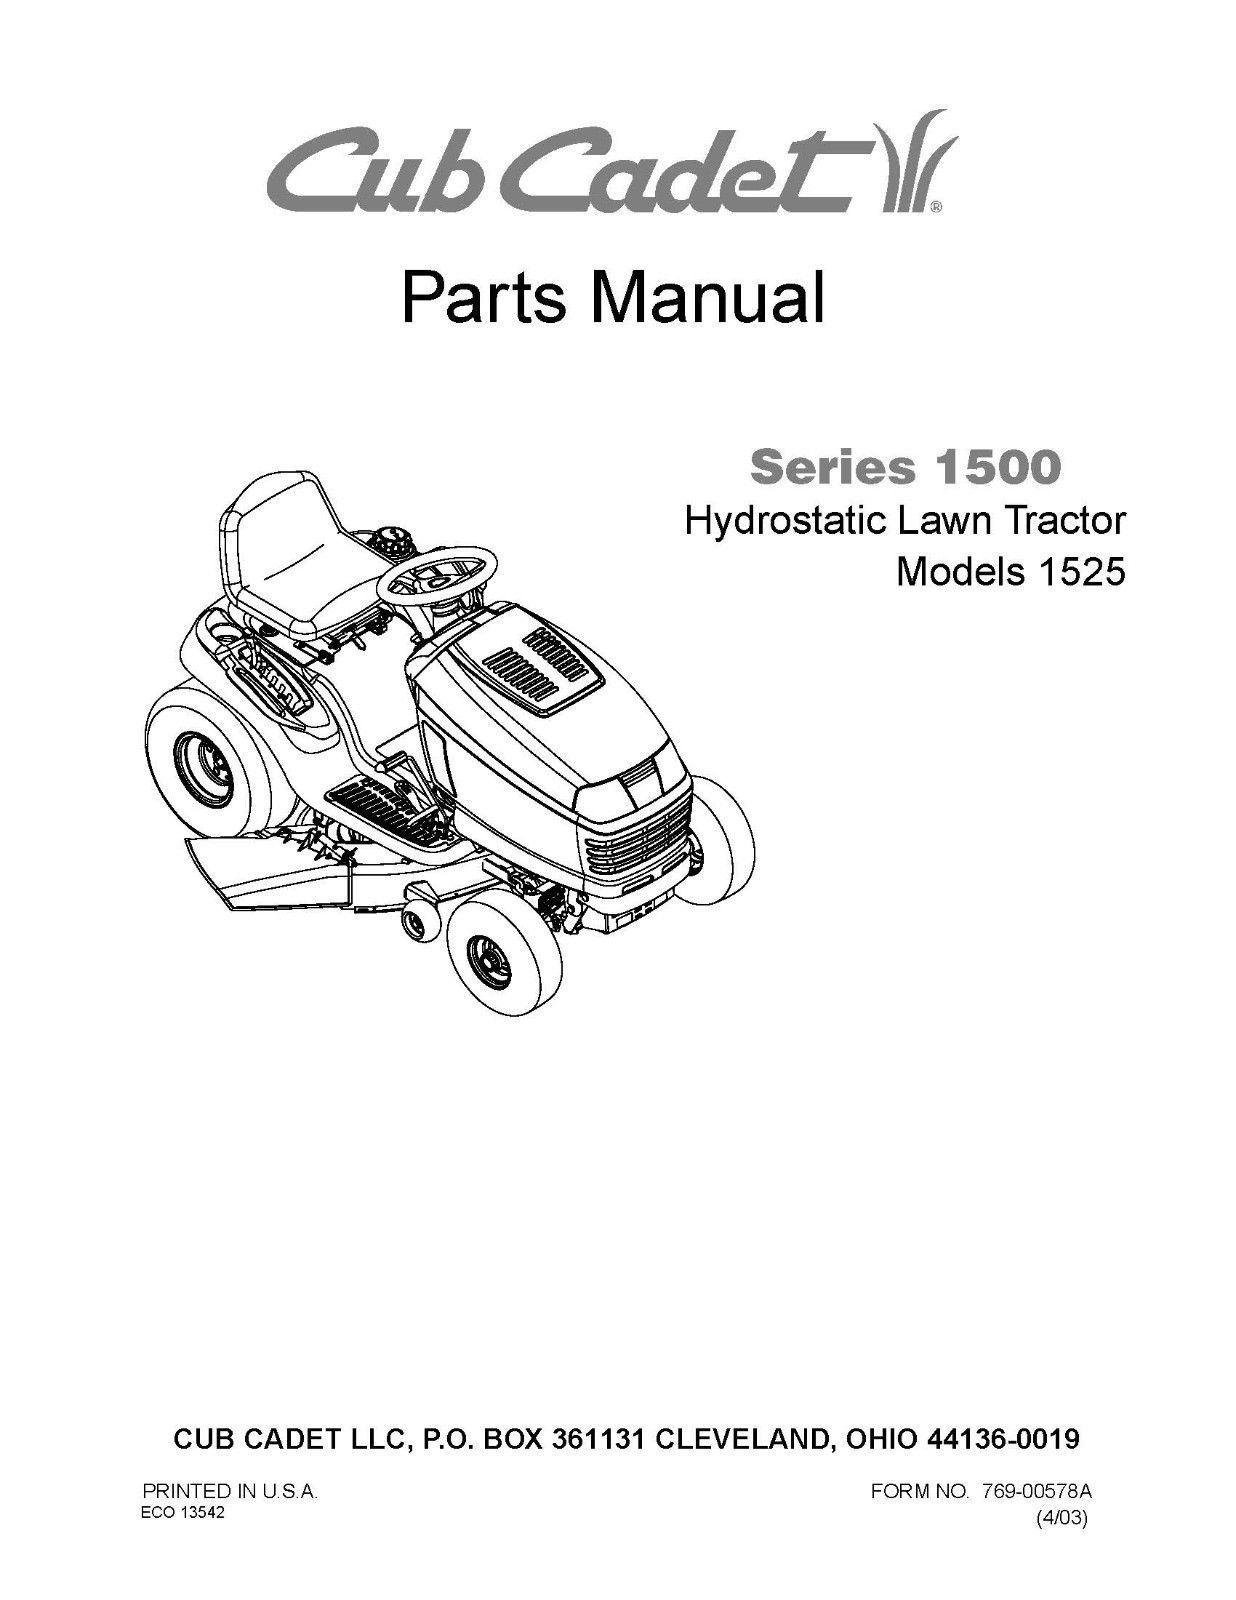 Cub Cadet 1500 Series Hydrostatic Lawn Tractor Parts Manual Model No. 1525